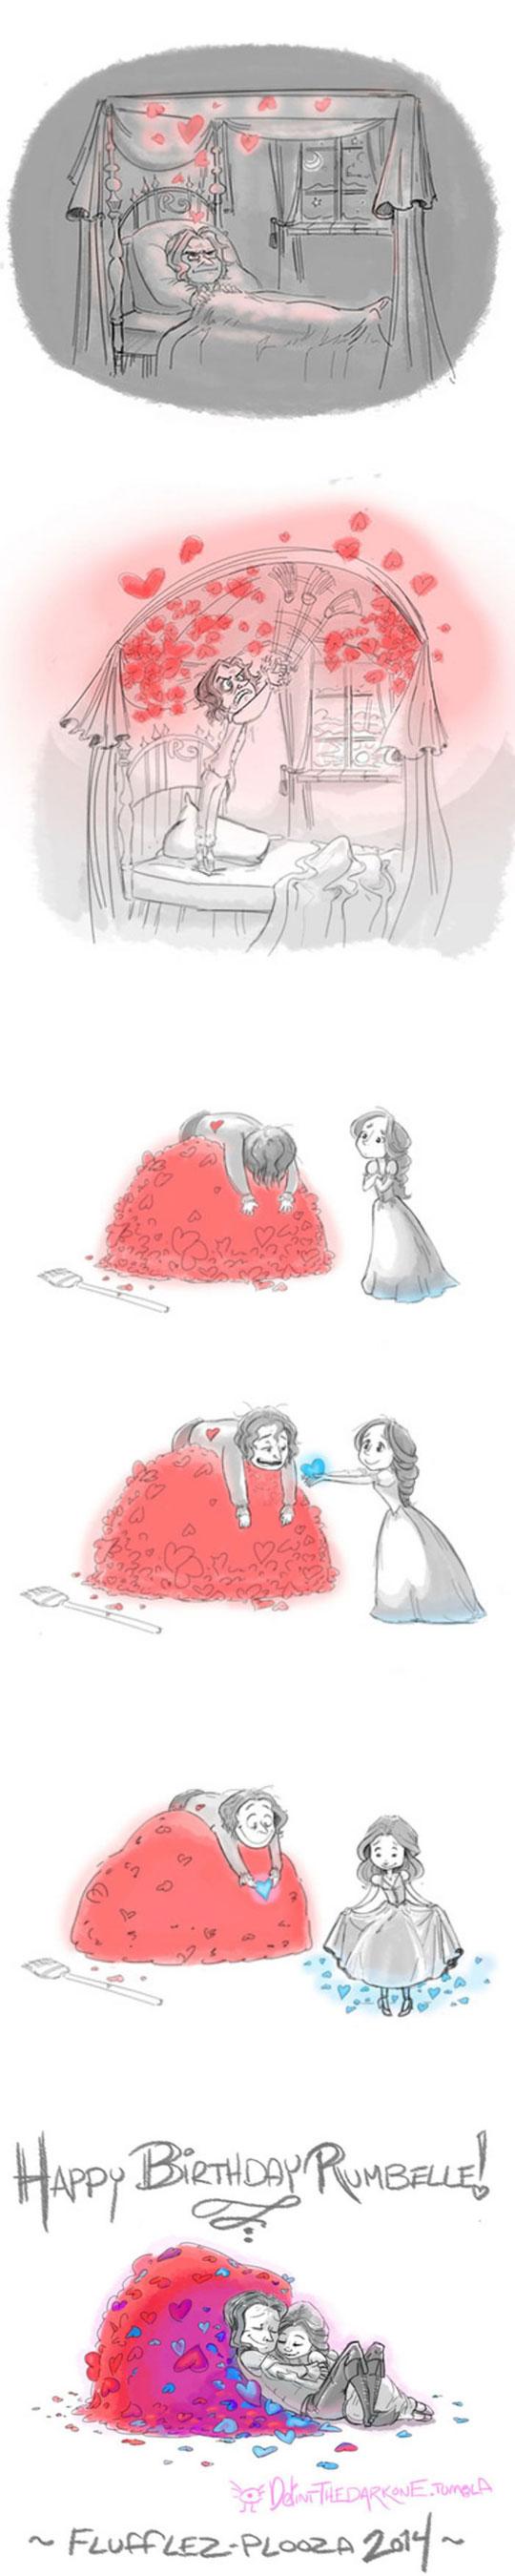 cool-story-cartoon-love-hearts-maid-happy